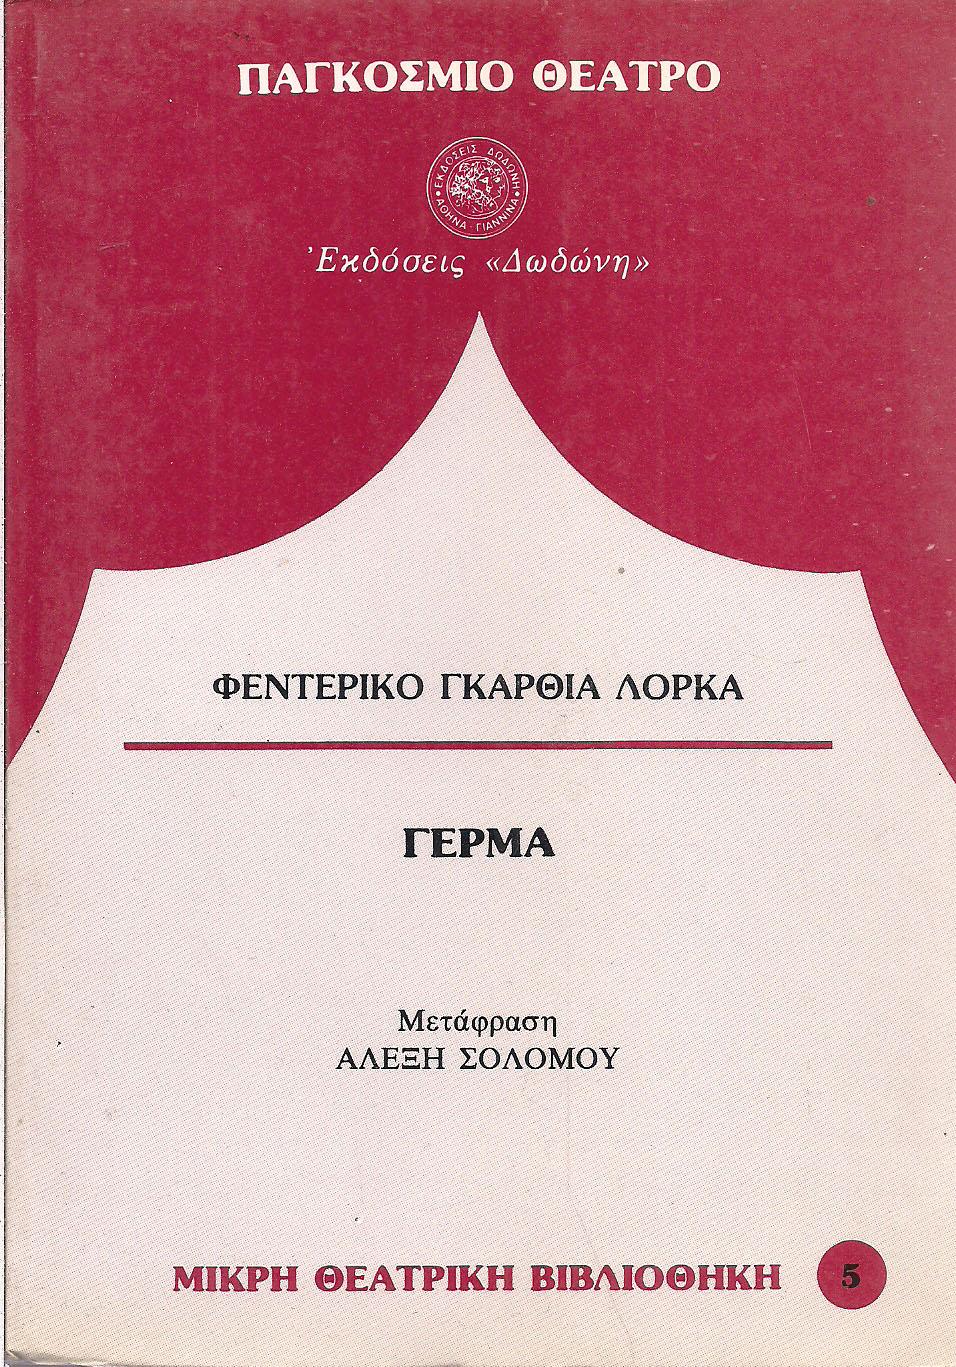 ΓΕΡΜΑ, ΦΕΝΤΕΡΙΚΟ ΓΚΑΡΘΙΑ ΛΟΡΚΑ, ΔΩΔΩΝΗ - Exlibris-Oldbooks.gr - Online  βιβλιοπωλείο με βιβλία παλαιών εκδόσεων, κλασικά και νέα μυθιστορήματα,  σπάνιες εκδόσεις, συγγραφείς, αντίκες, σπάνια νομίσματα, παλαιοβιβλιοπωλείο